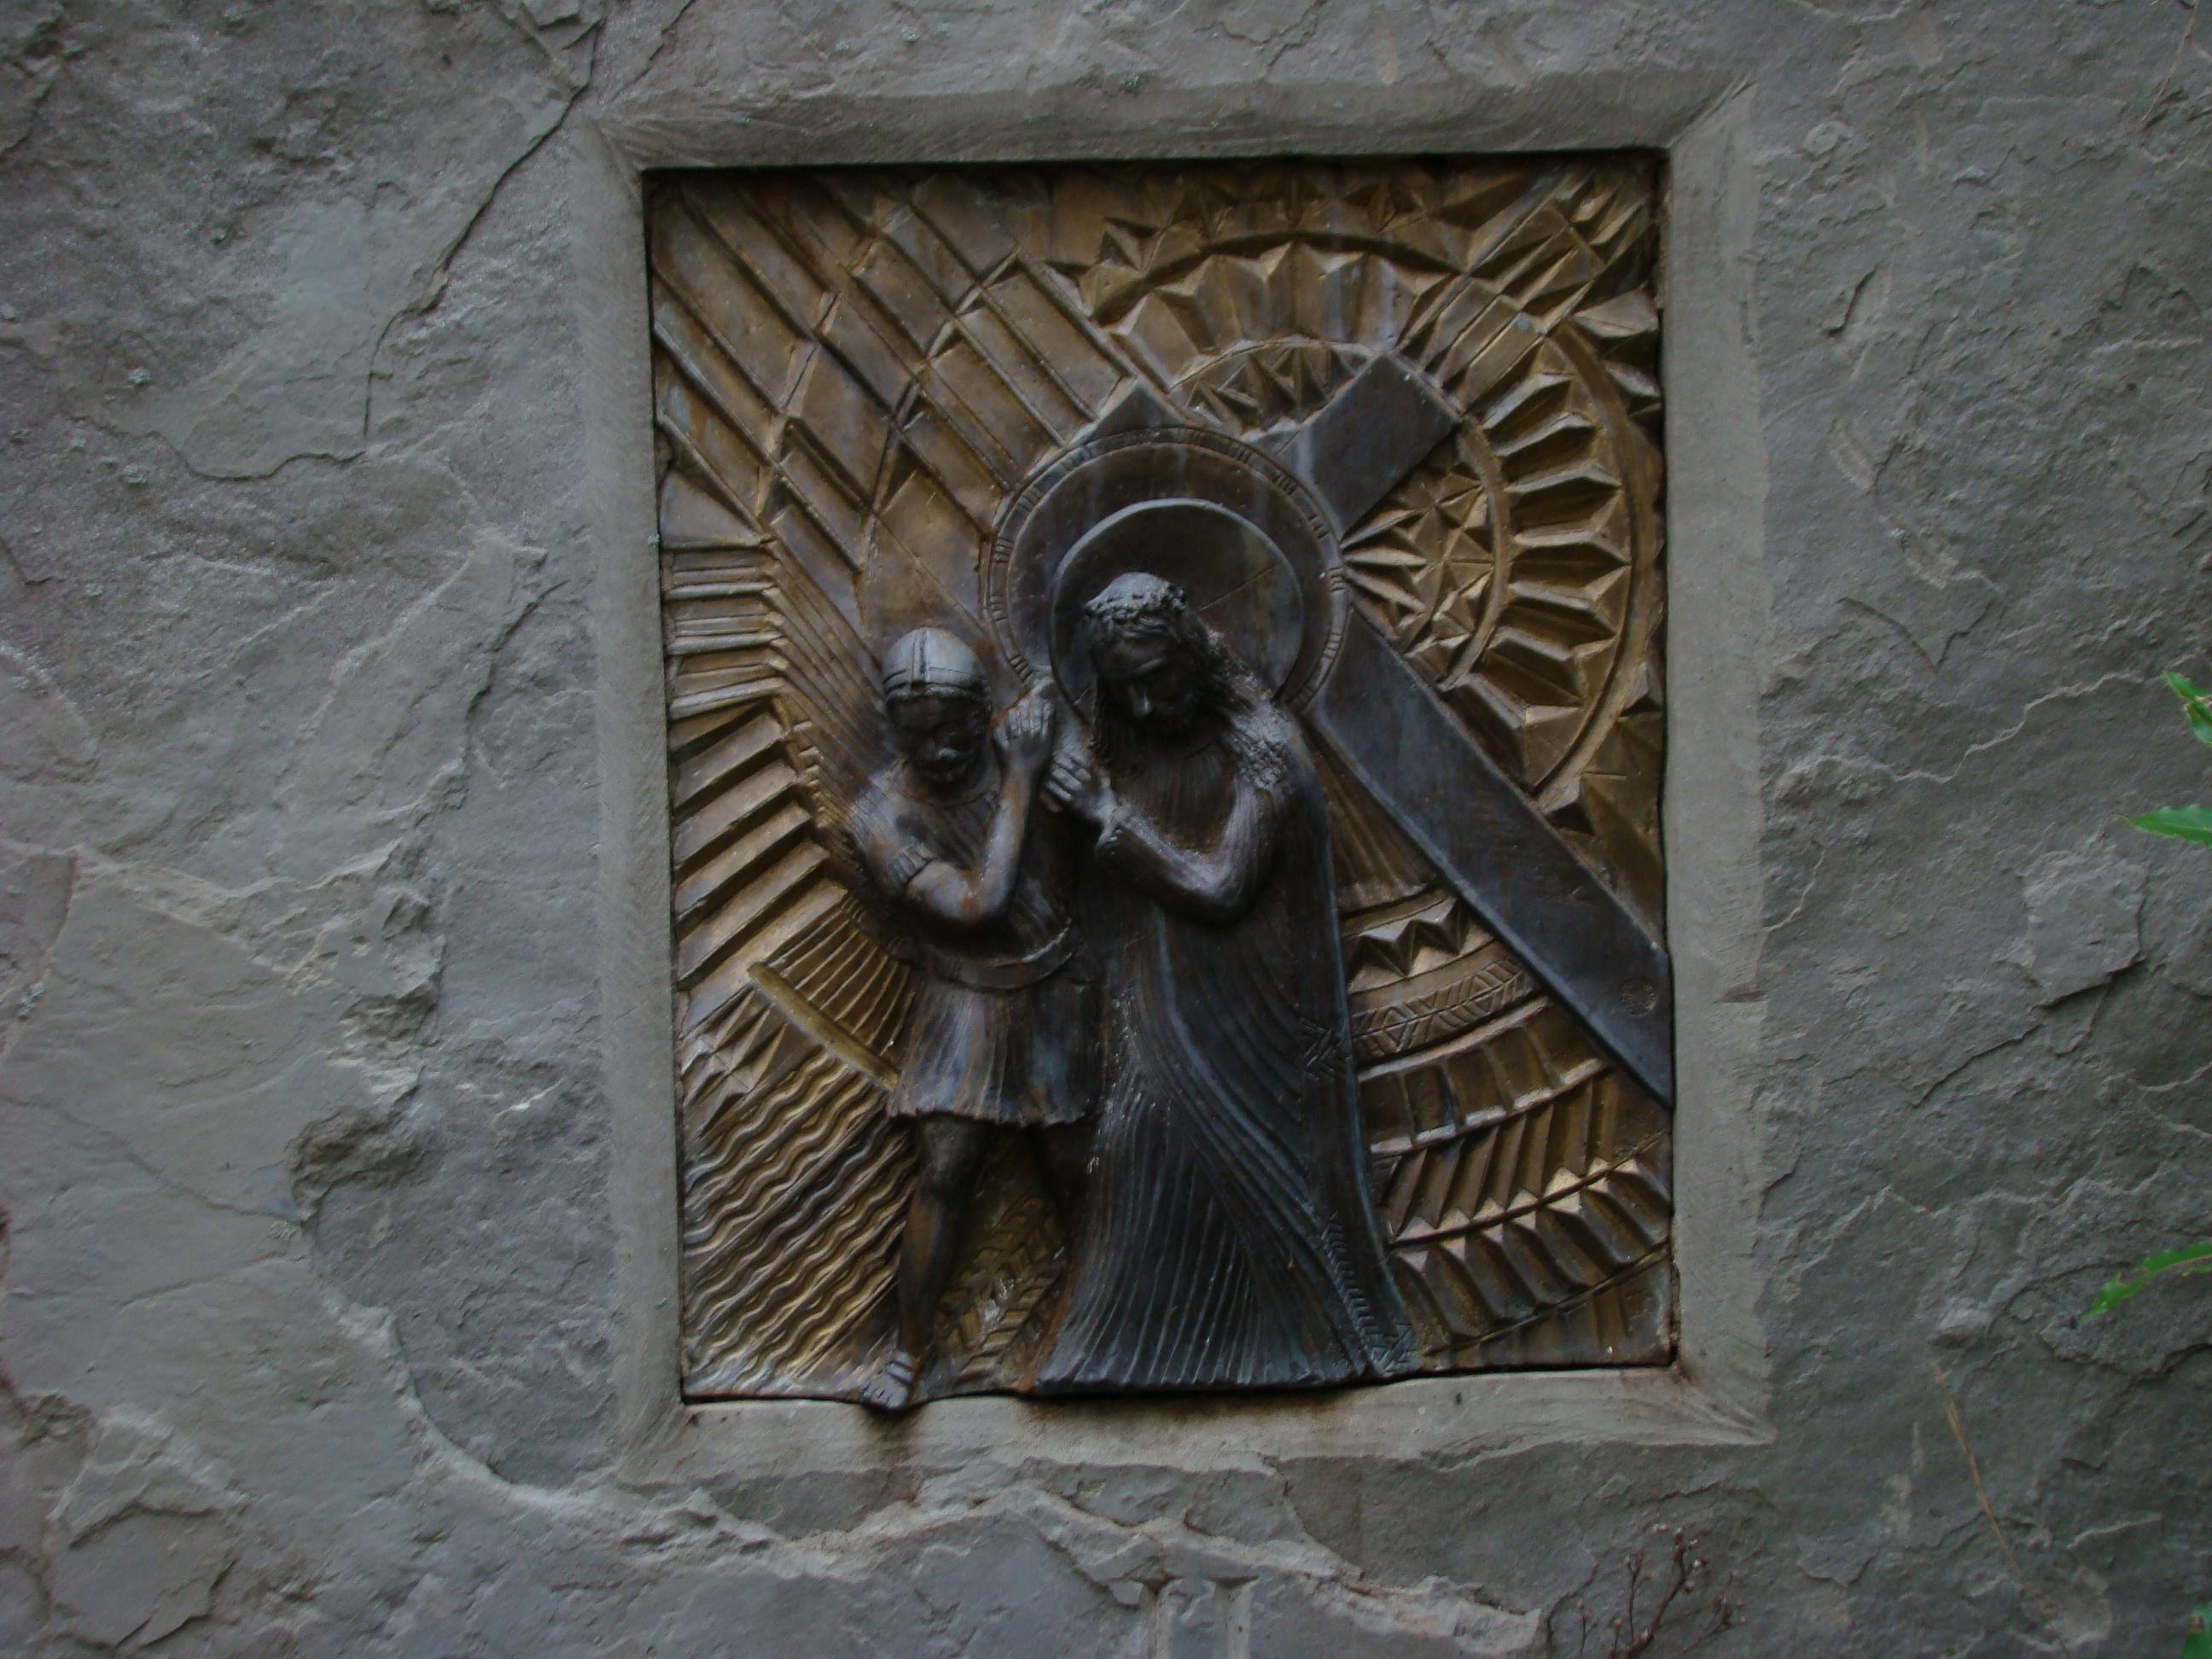 Seconda stazione della Via Crucis lungo la Via del Sasso (di Giuliana Profeti)